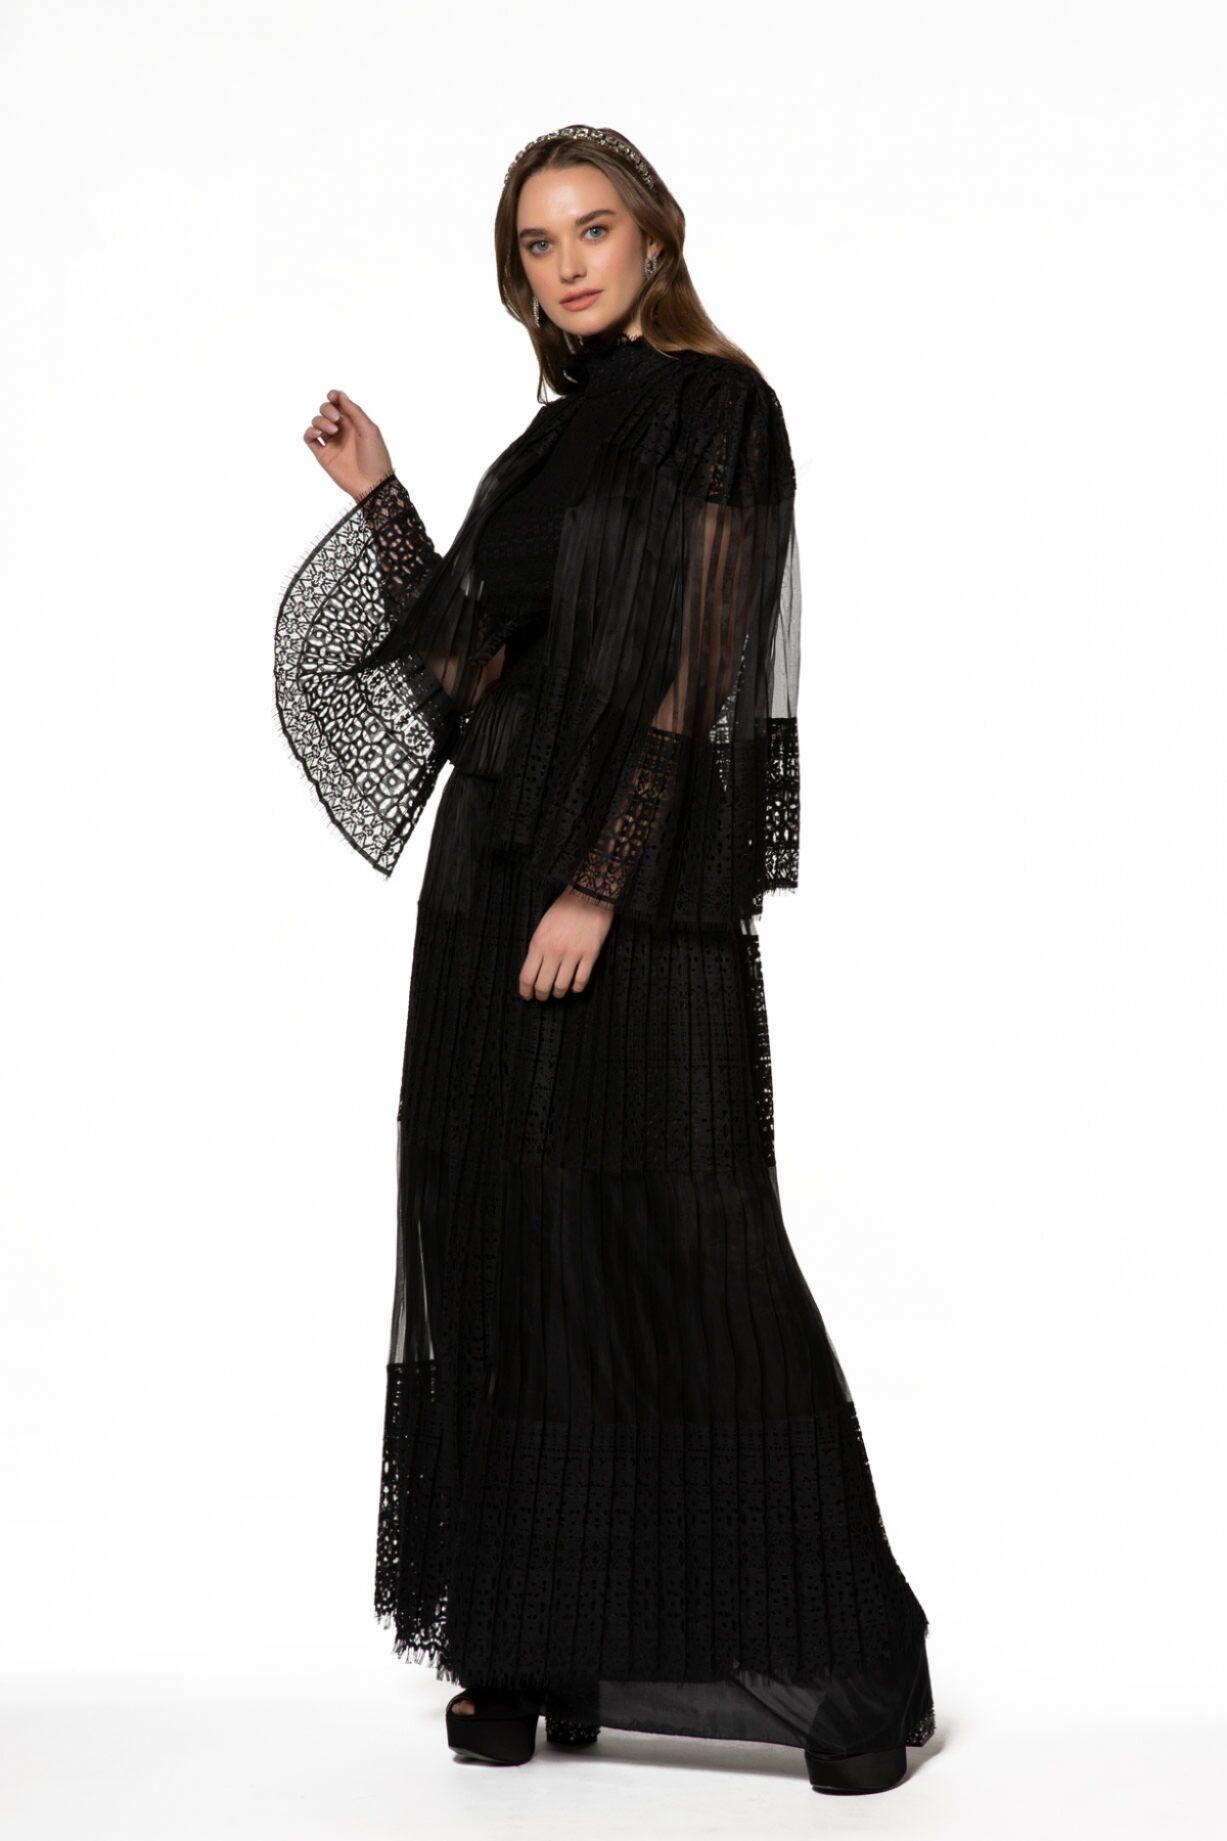 Pelerin Görünümlü, Dantel İşlemeli Dik Yaka Uzun Siyah Elbise